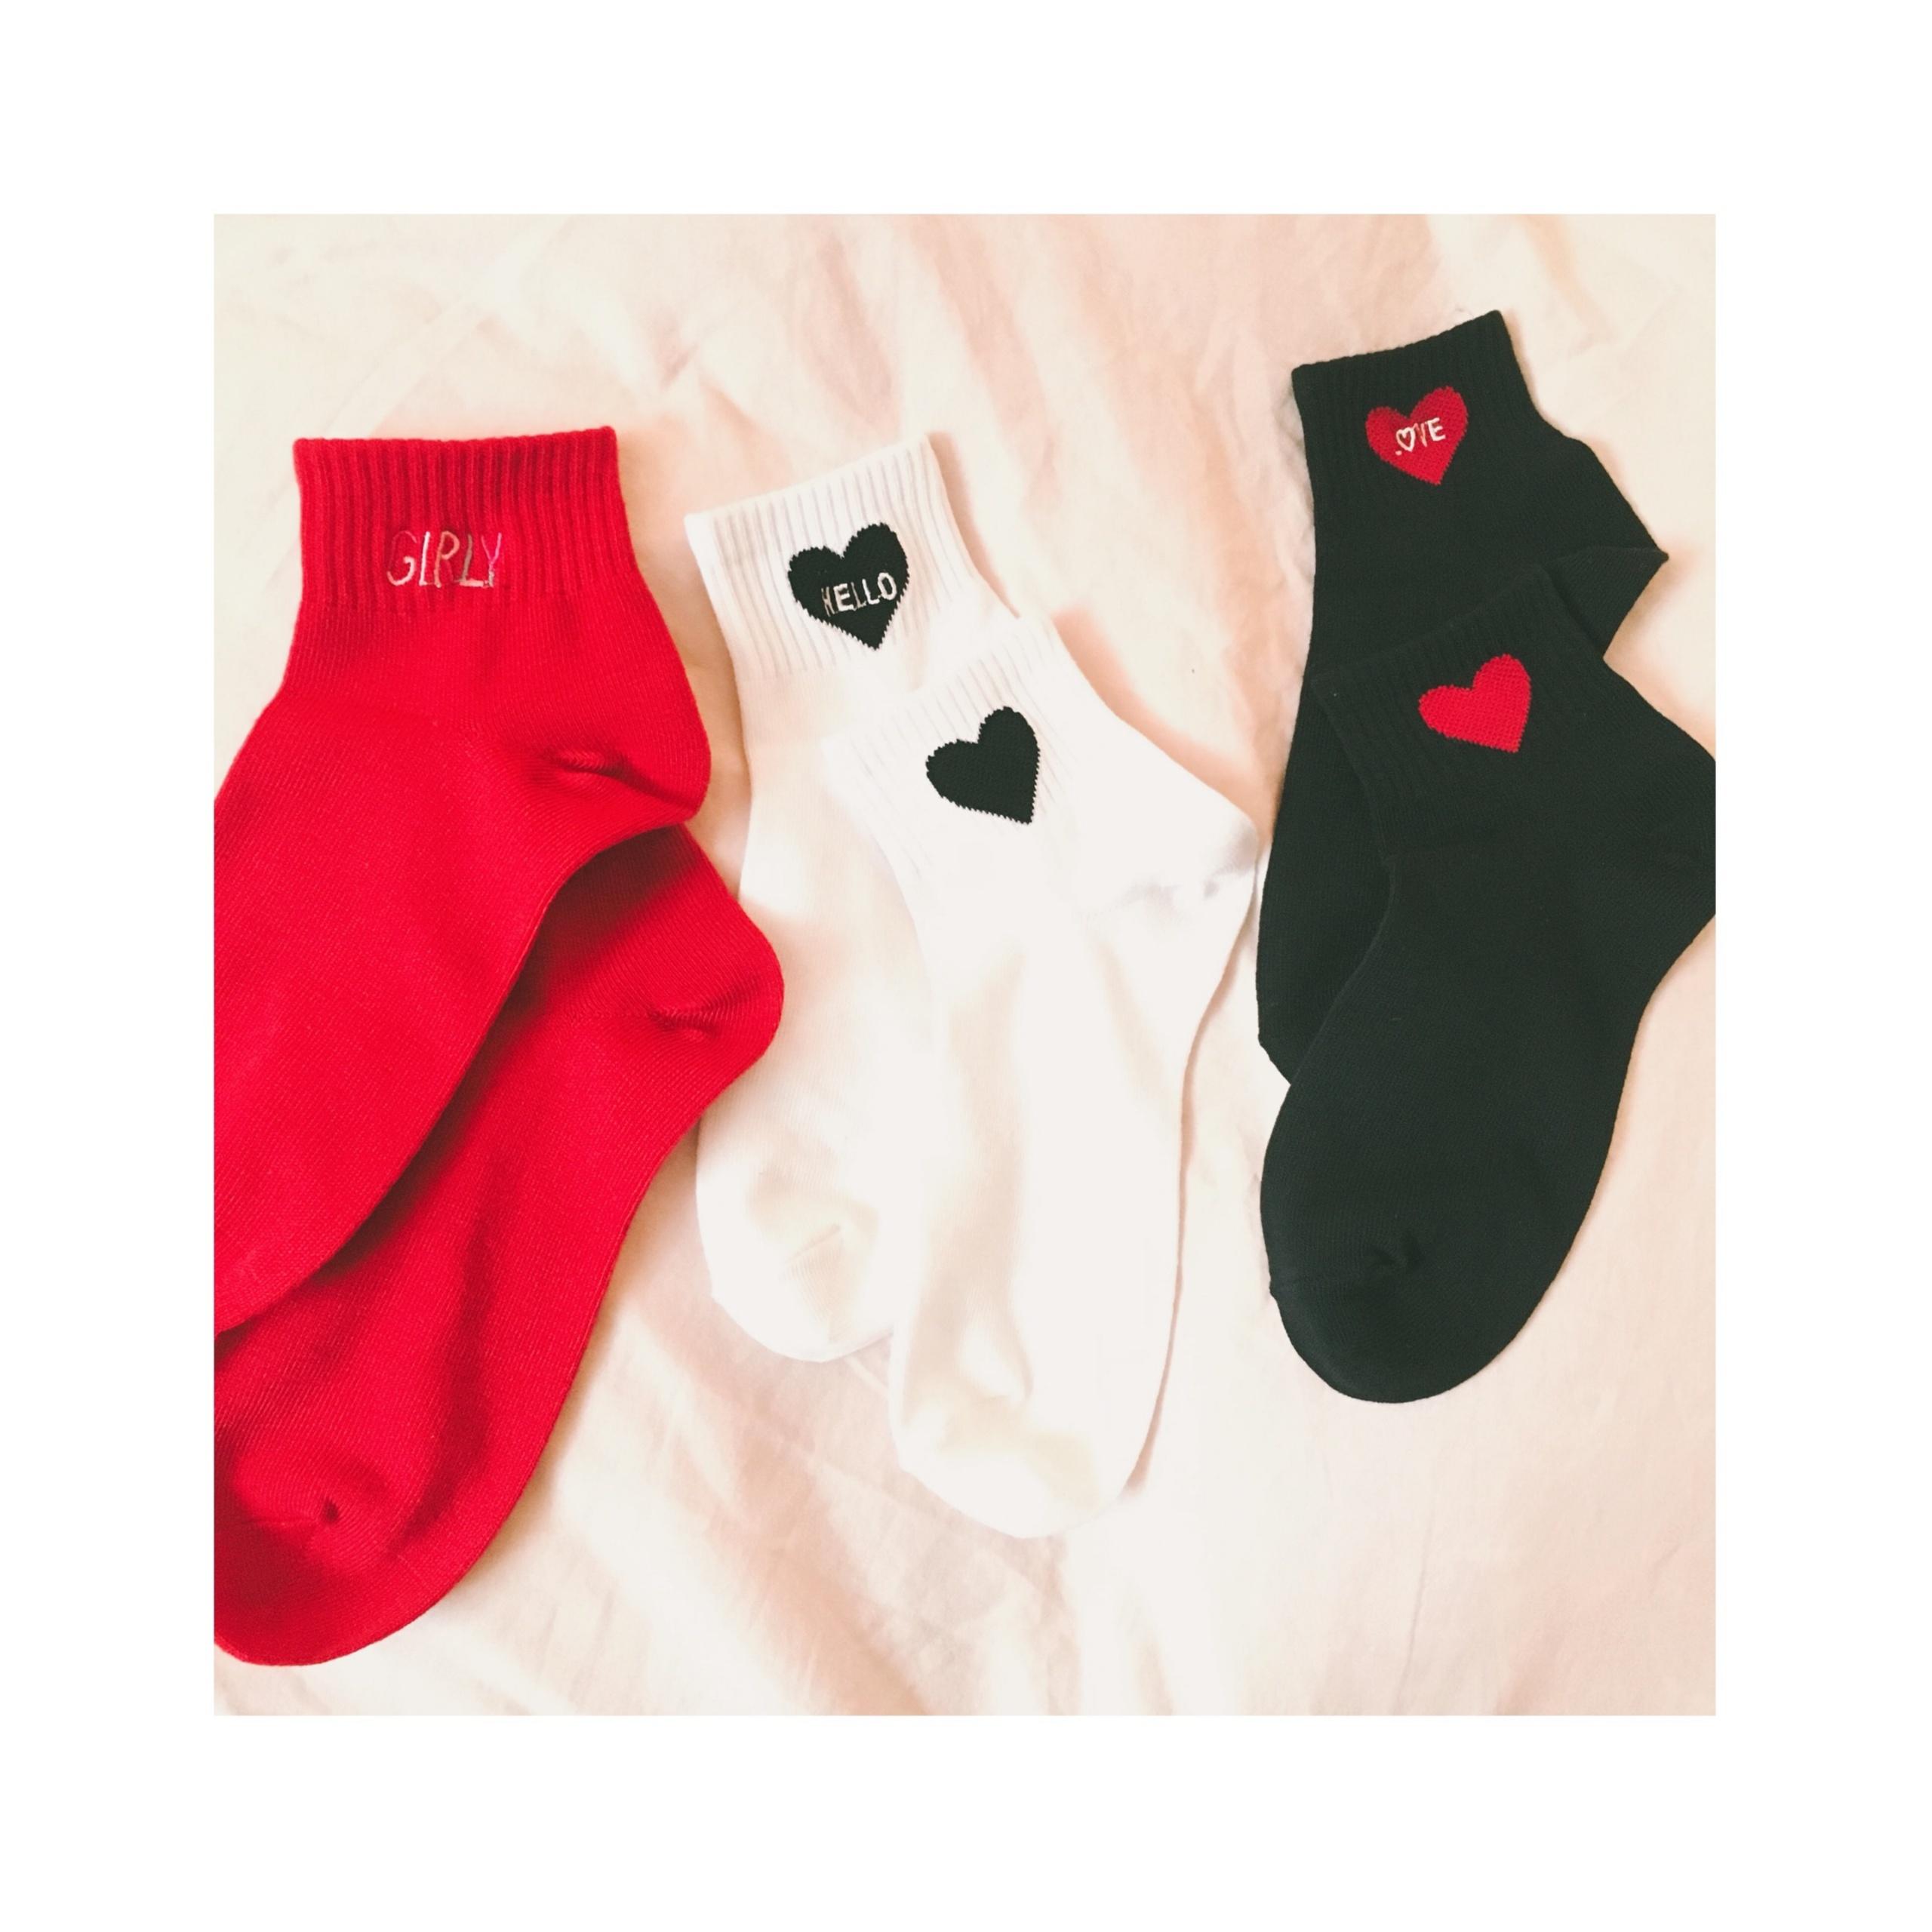 《ソックスコーデが増えるこれからのシーズンにぴったり★》思わずイロチ買いした【DAISO】のALL ¥108靴下がかわいい❤️-スポーツmix編-_1